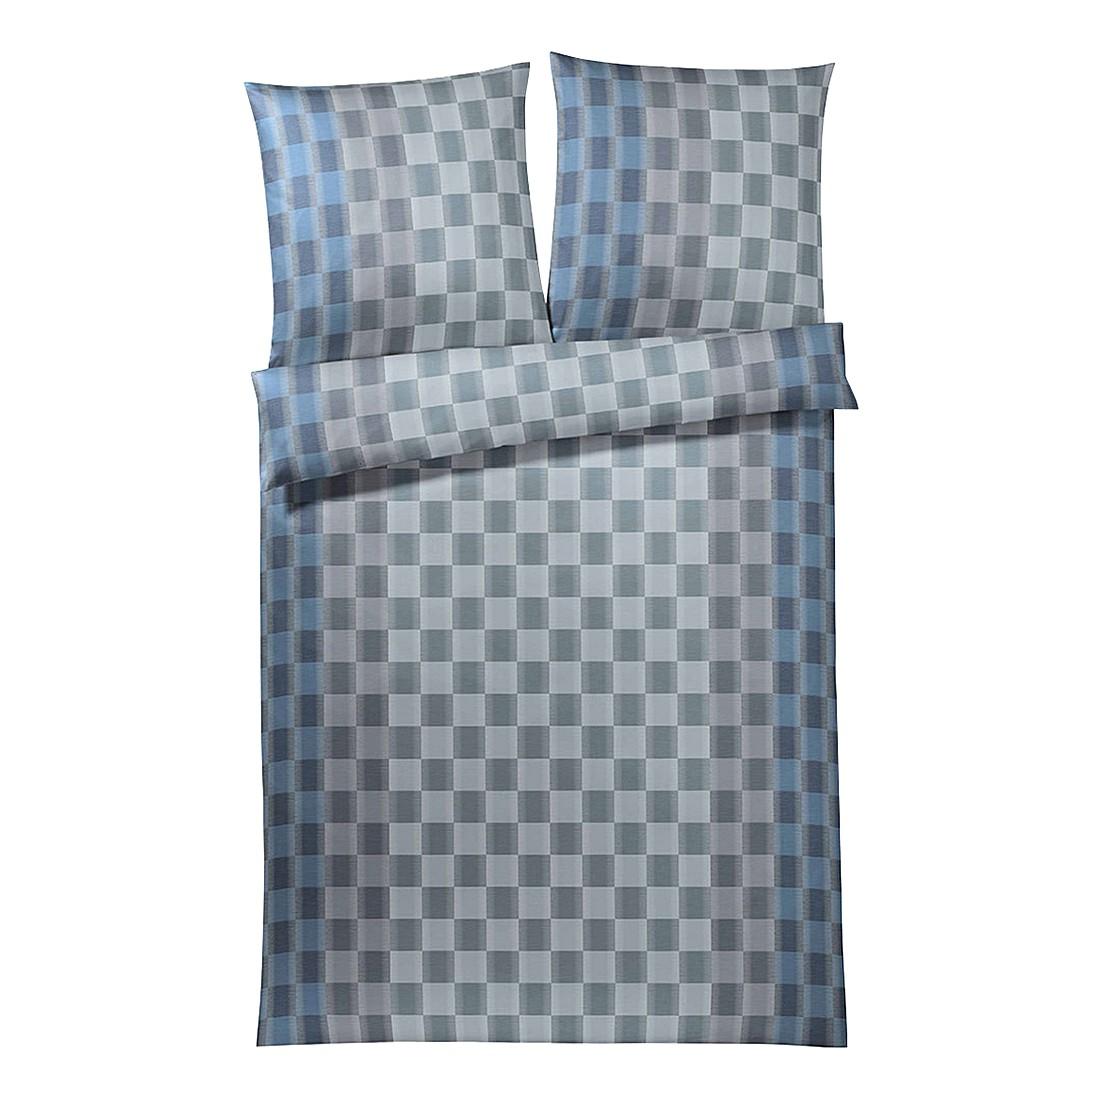 Bettwäsche Terrazo Aqua – Baumwolle – Blau – 135X200 cm + 80X80 cm, elegante kaufen